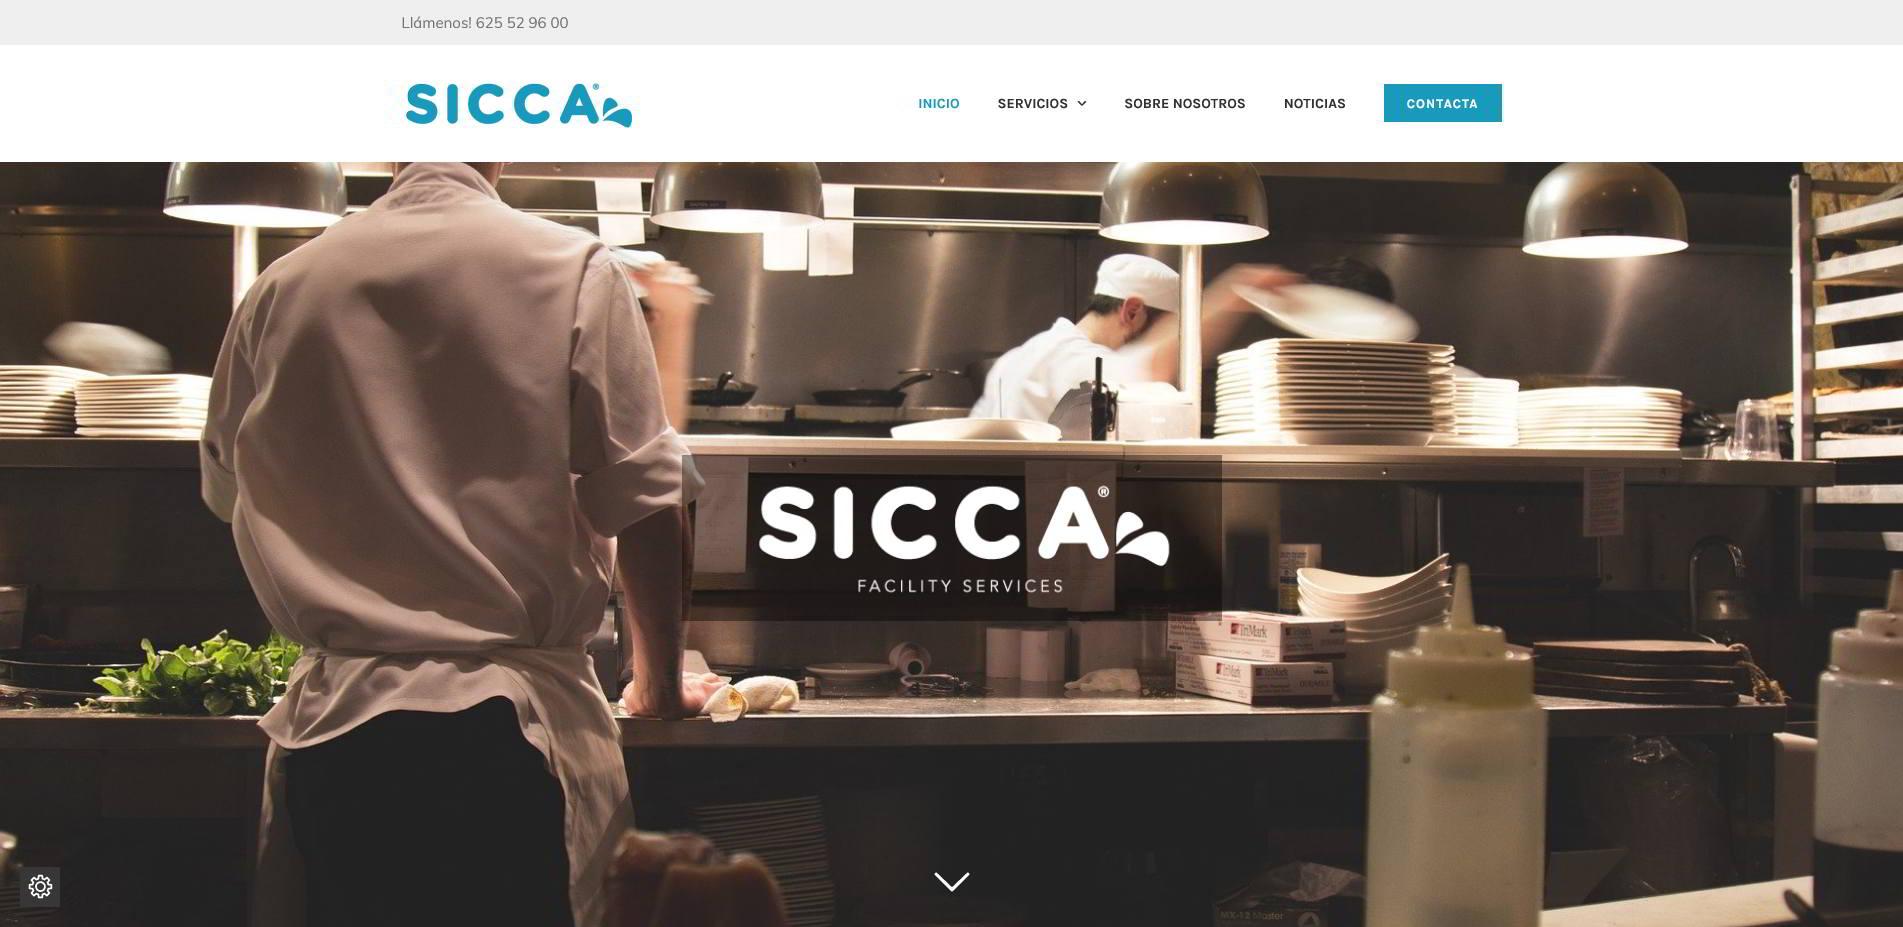 Ejemplo de la segunda imagen del carrusel de Sicca